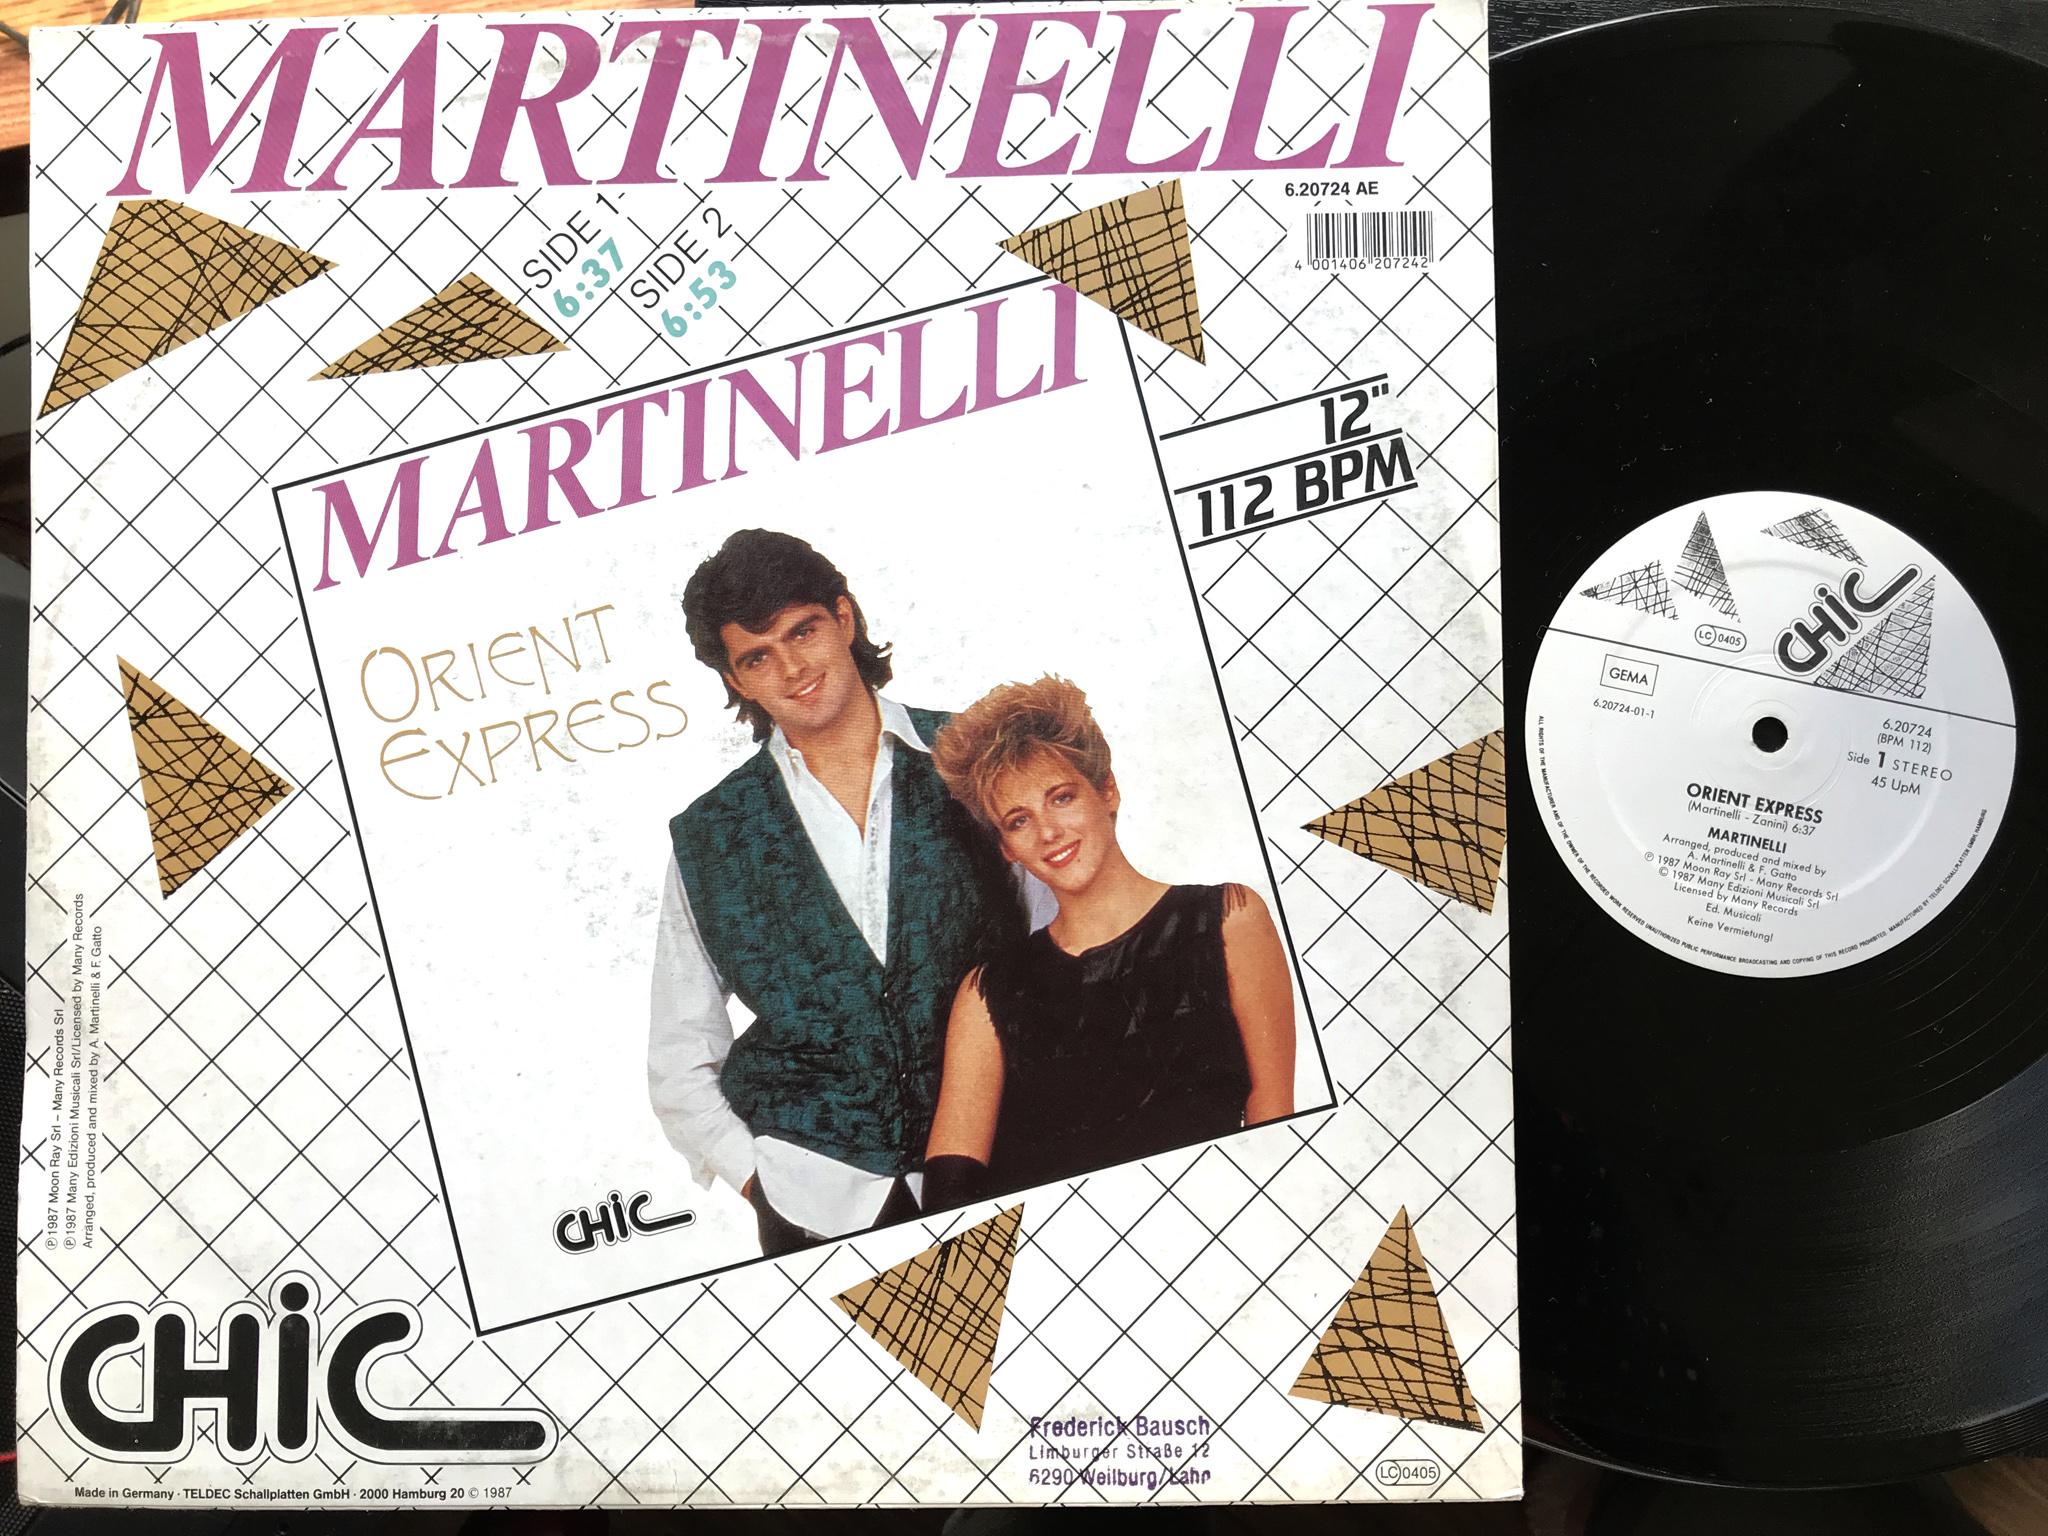 Martinelli - Orient Express